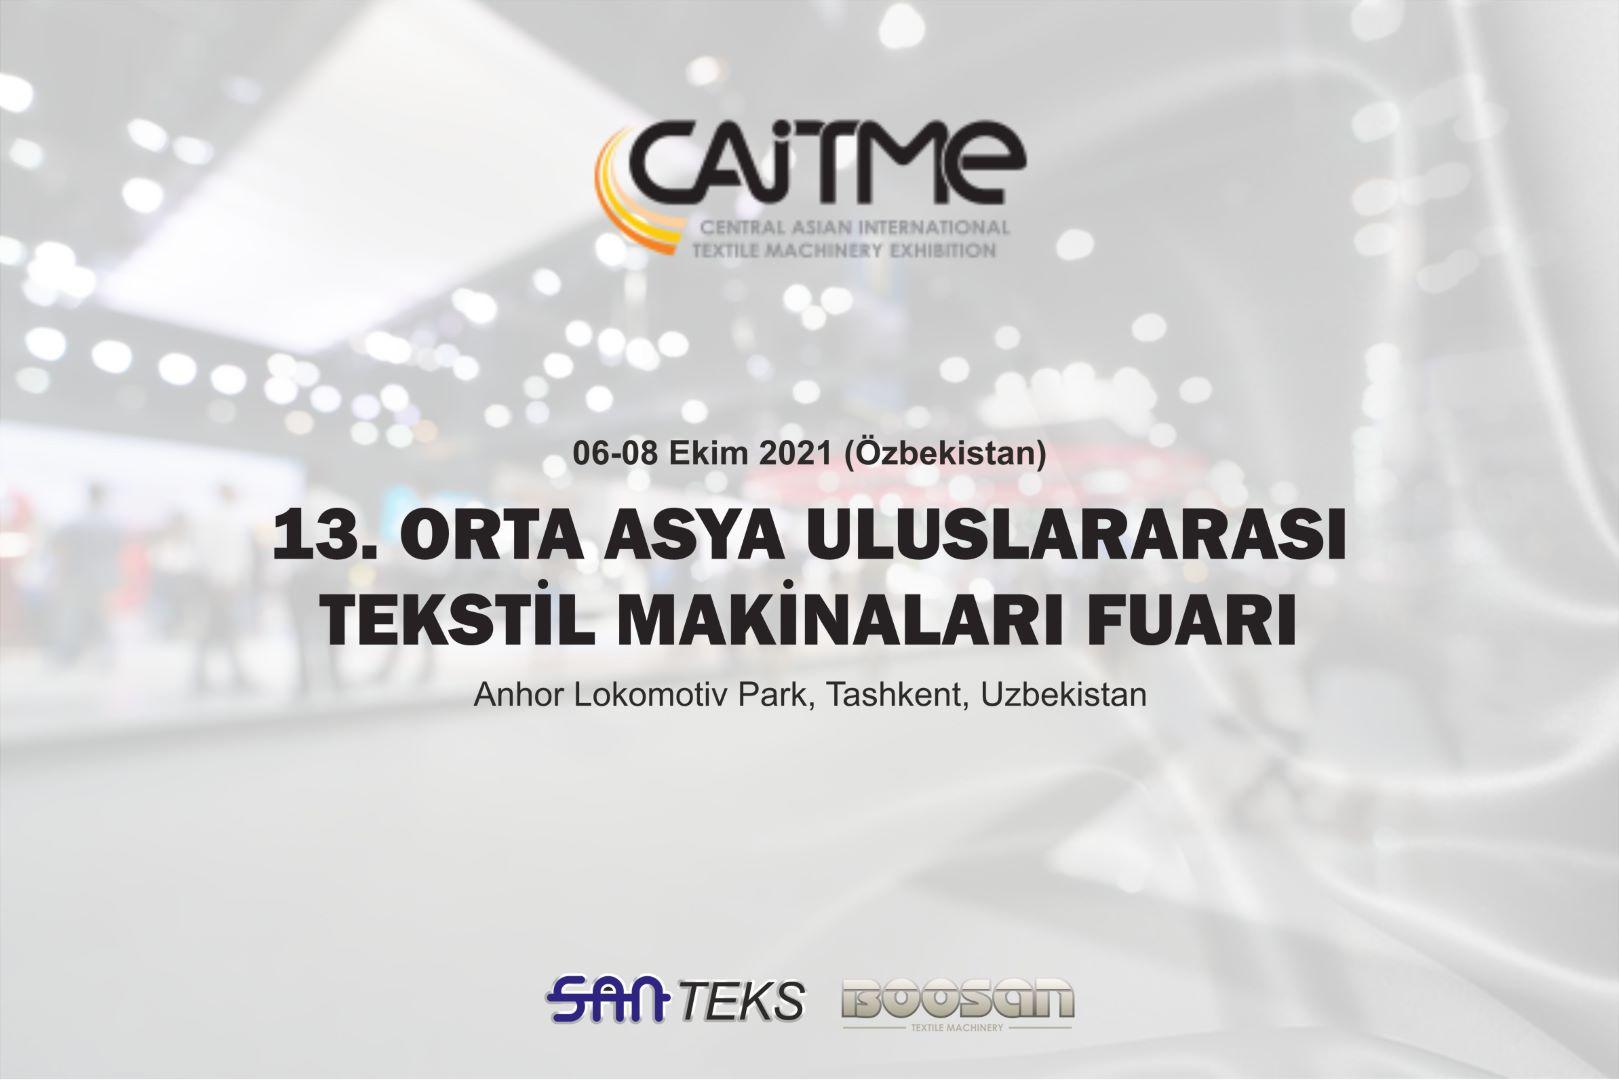 CAITME Özbekistan Tekstil Makineleri Fuarı 2021